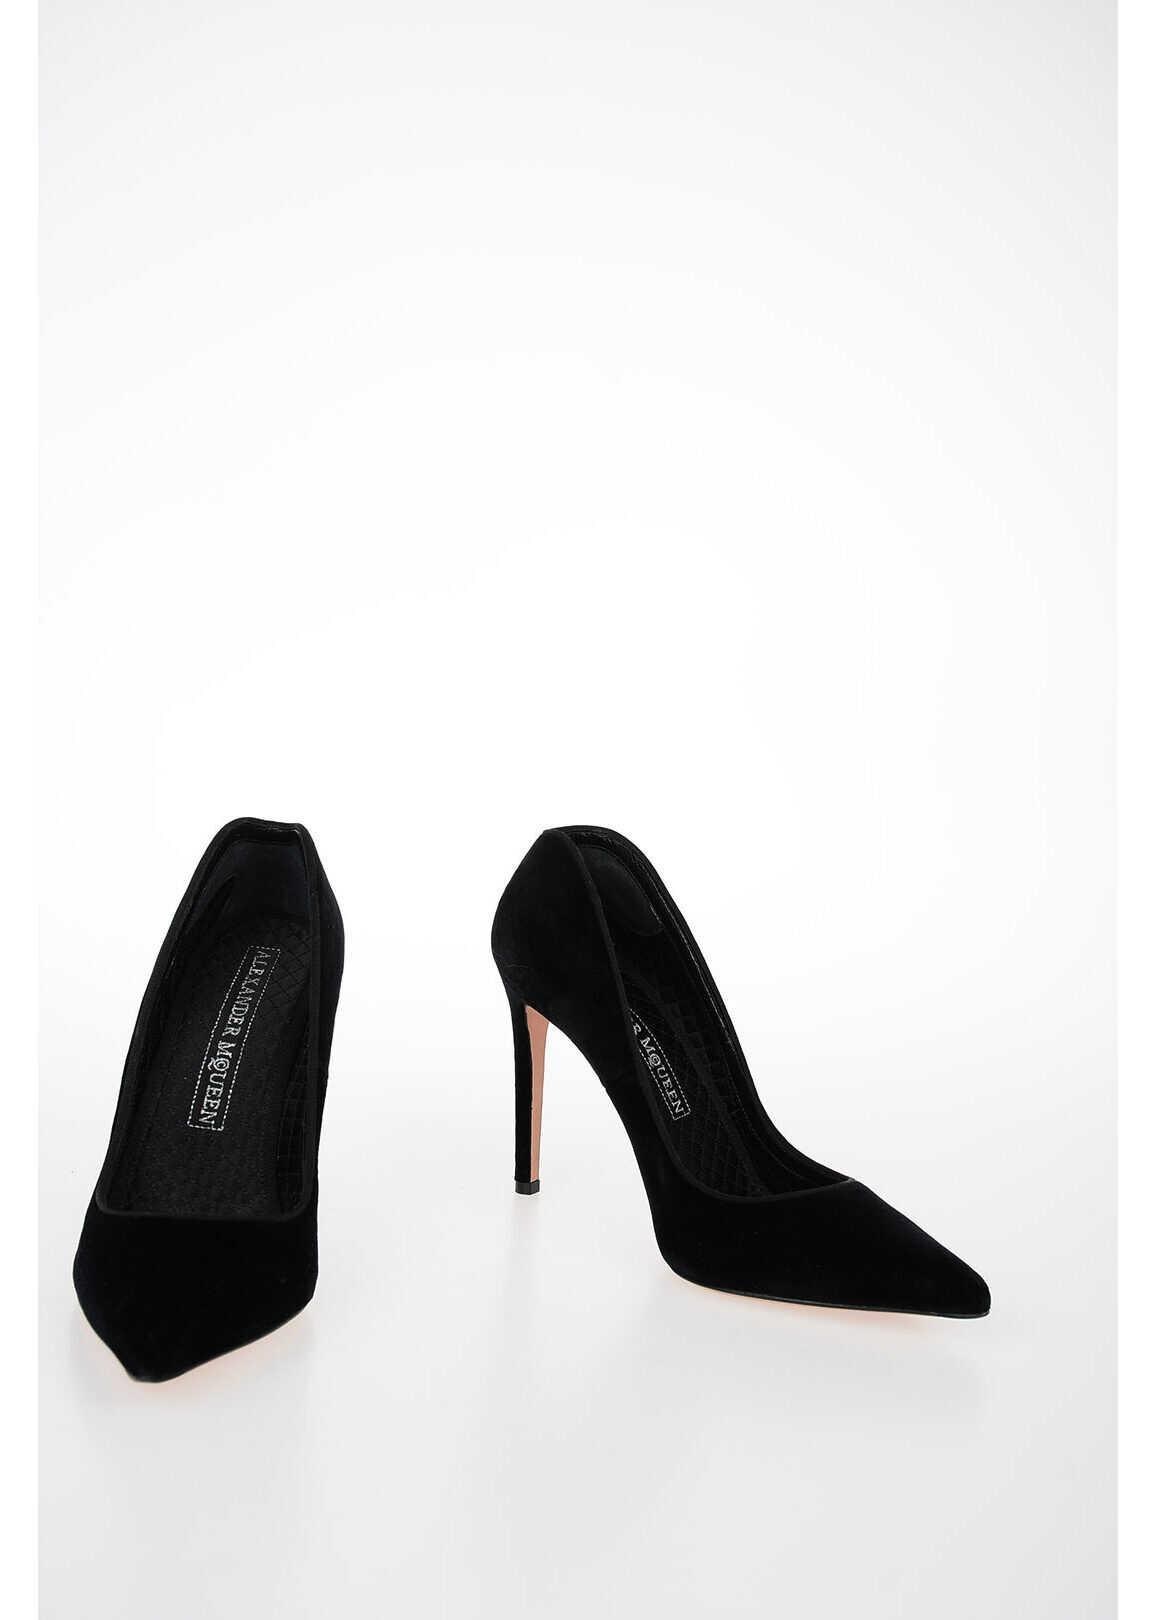 Alexander McQueen 11cm Velvet Pumps BLACK